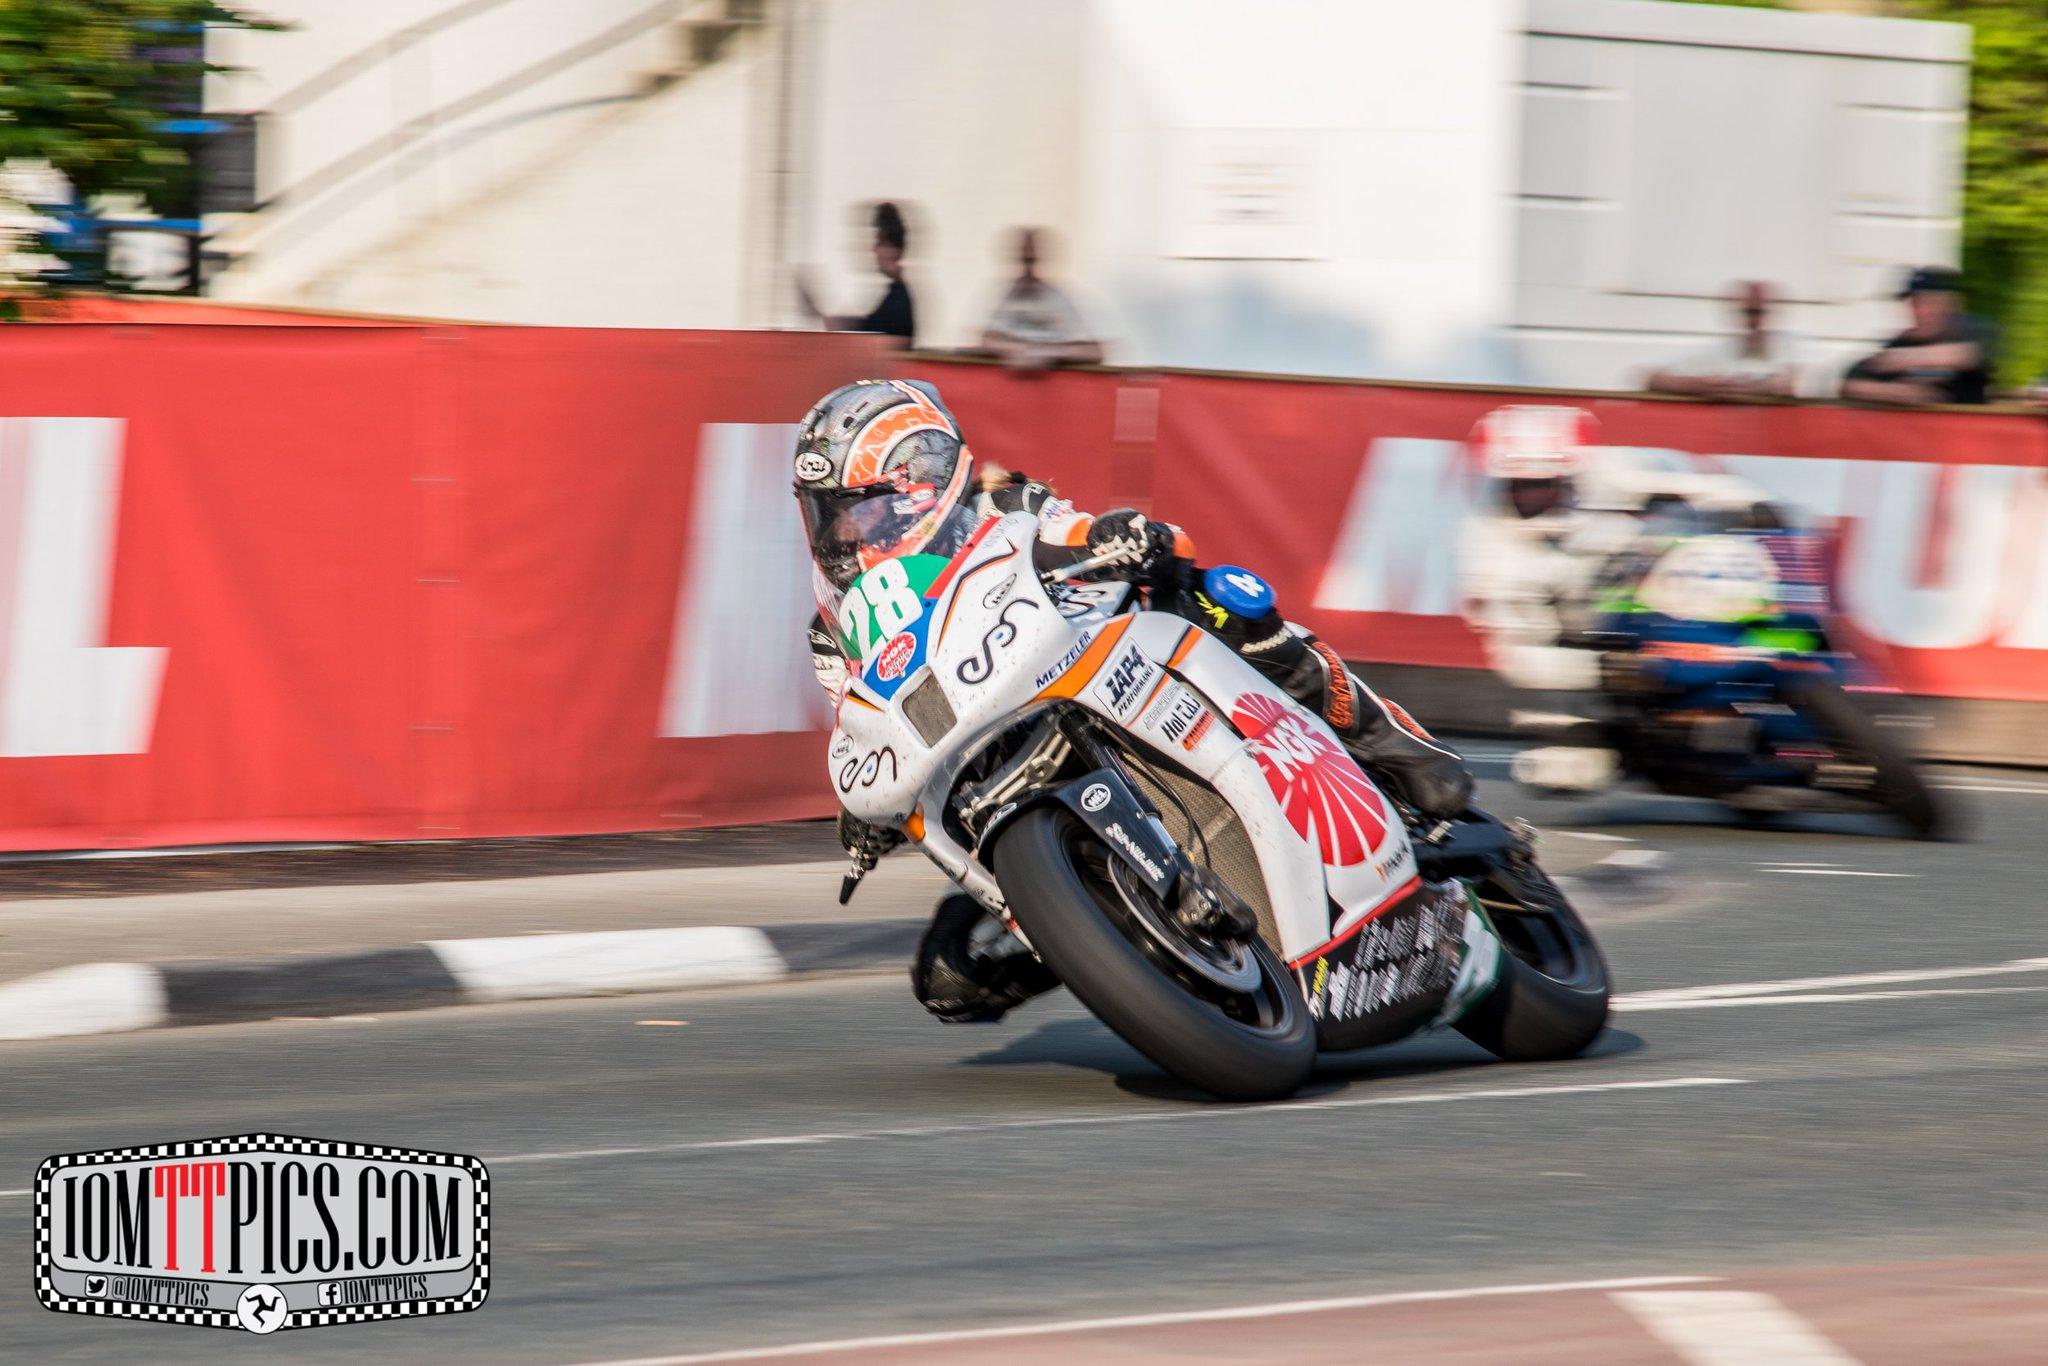 [Road Racing] TT 2016 - Page 4 CjnwEncWYAA2VOv